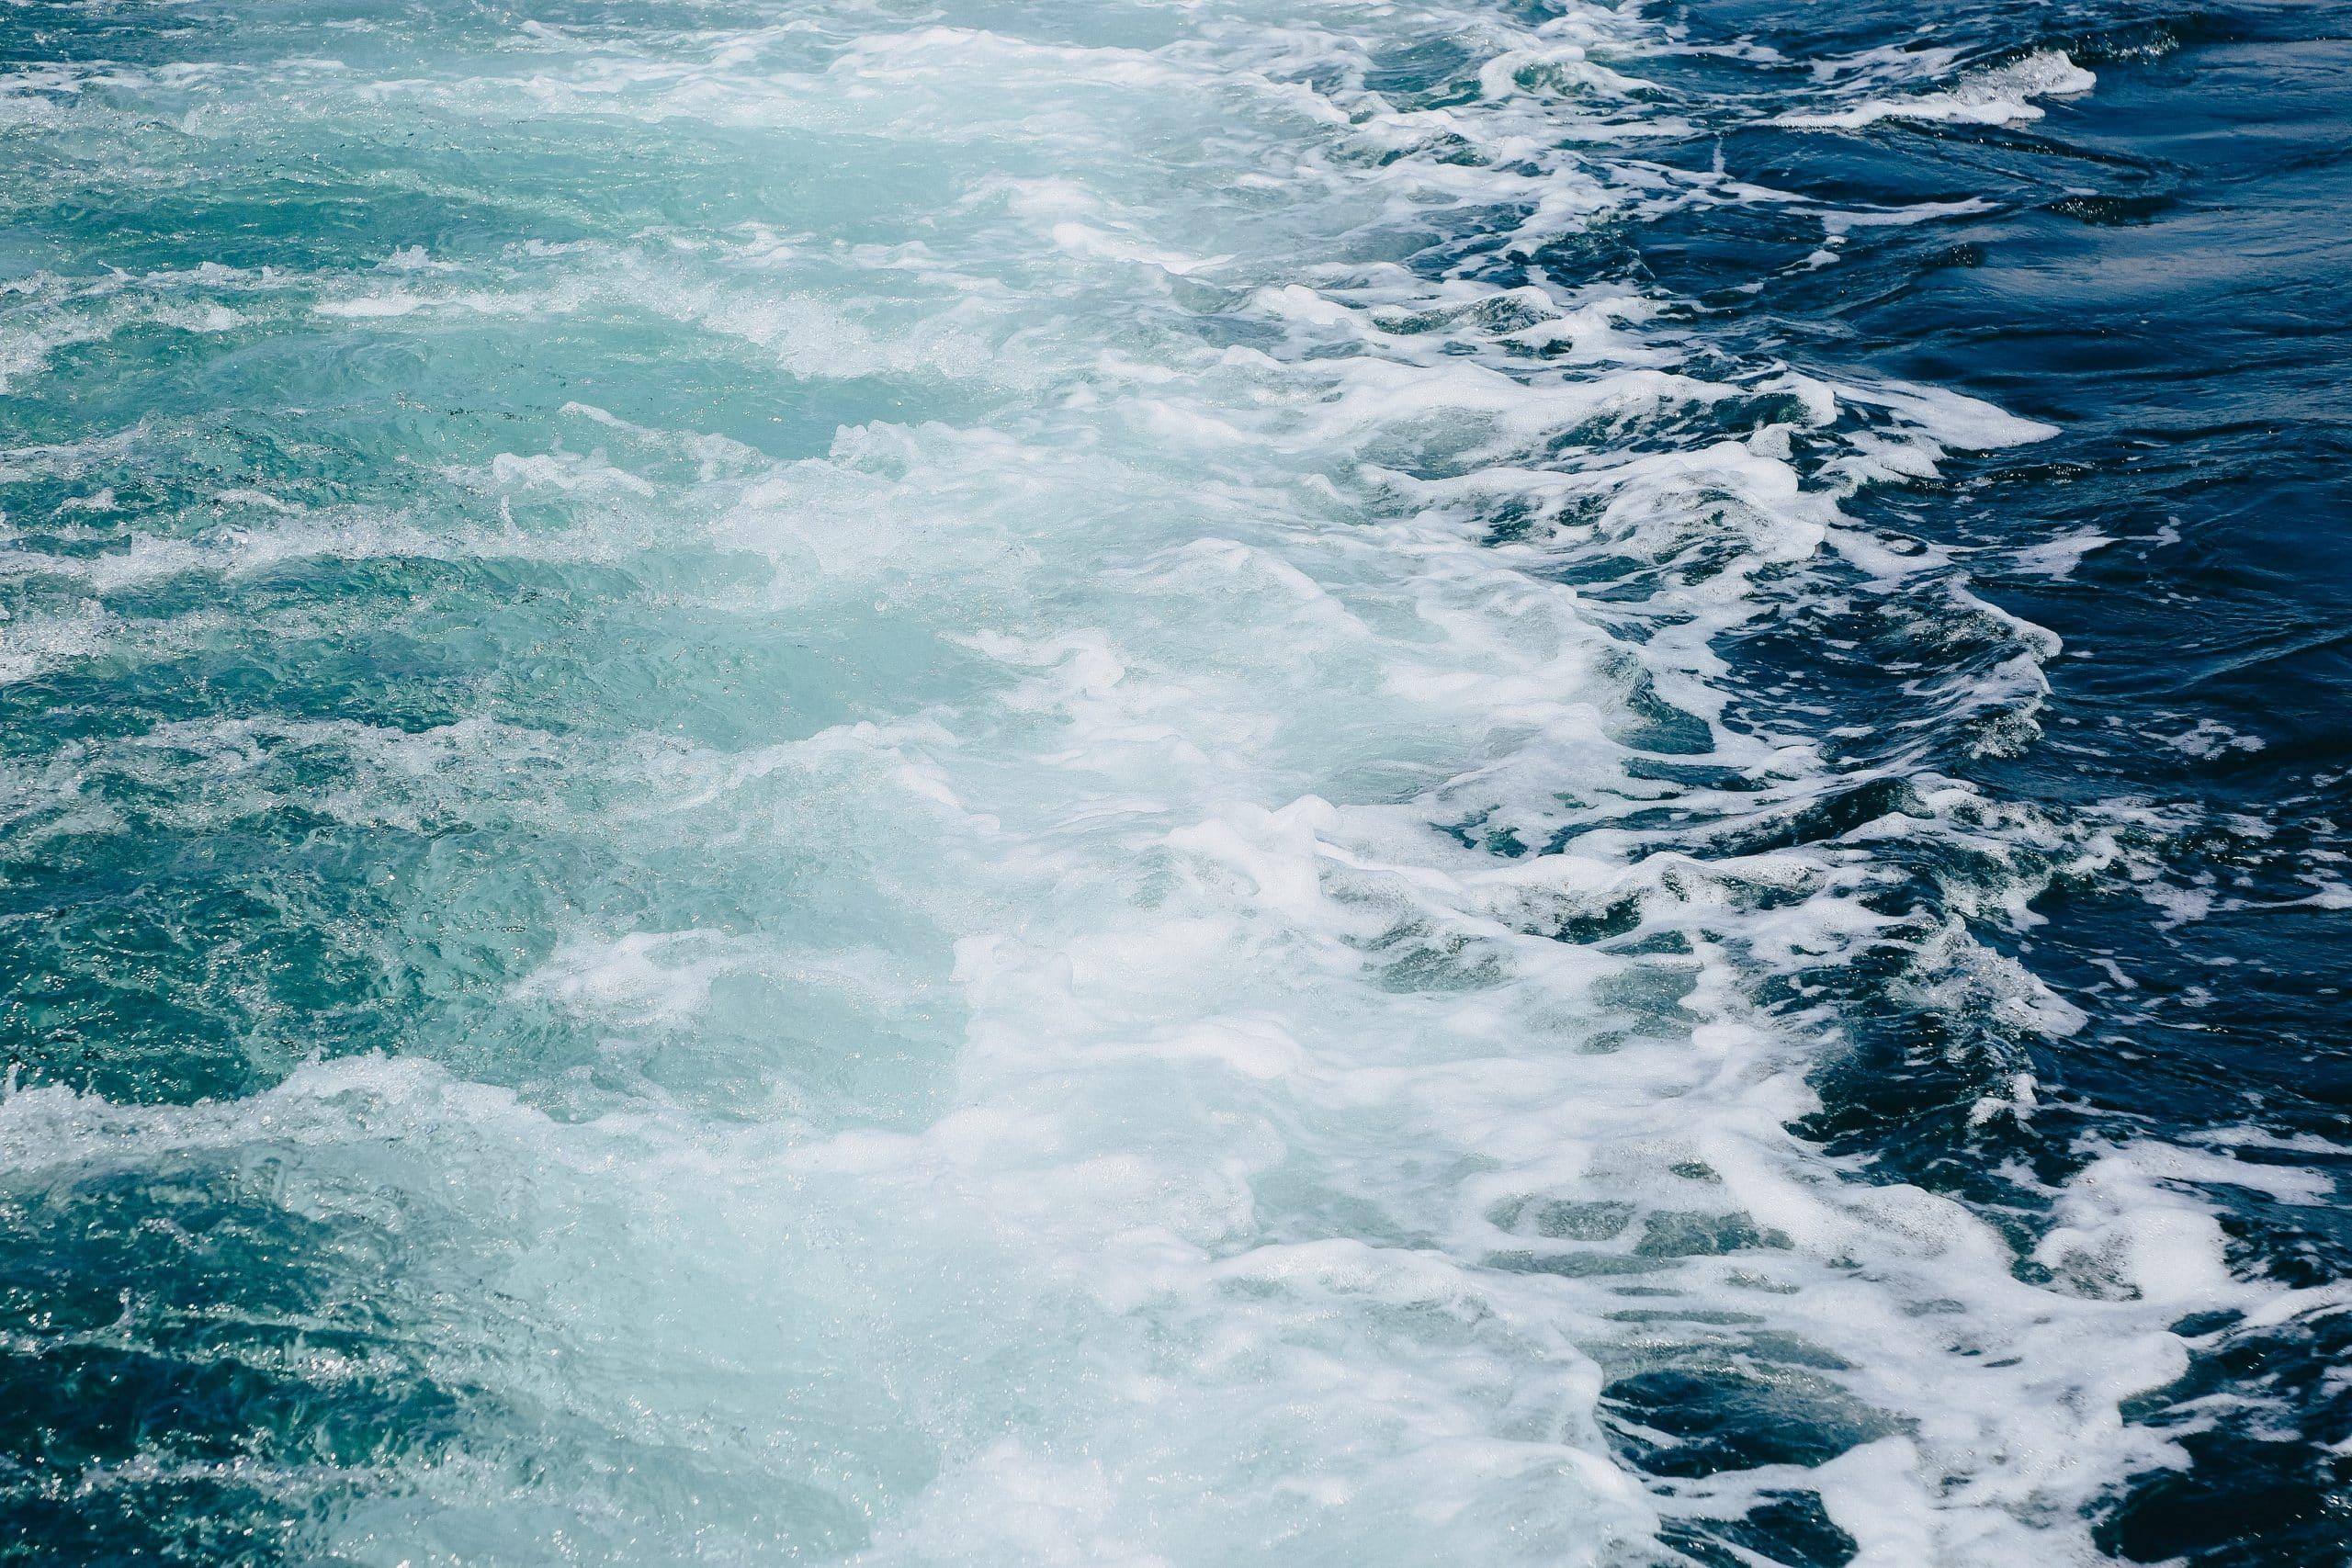 Waves Behind Cruise Ship Sailing On Sea 4407417